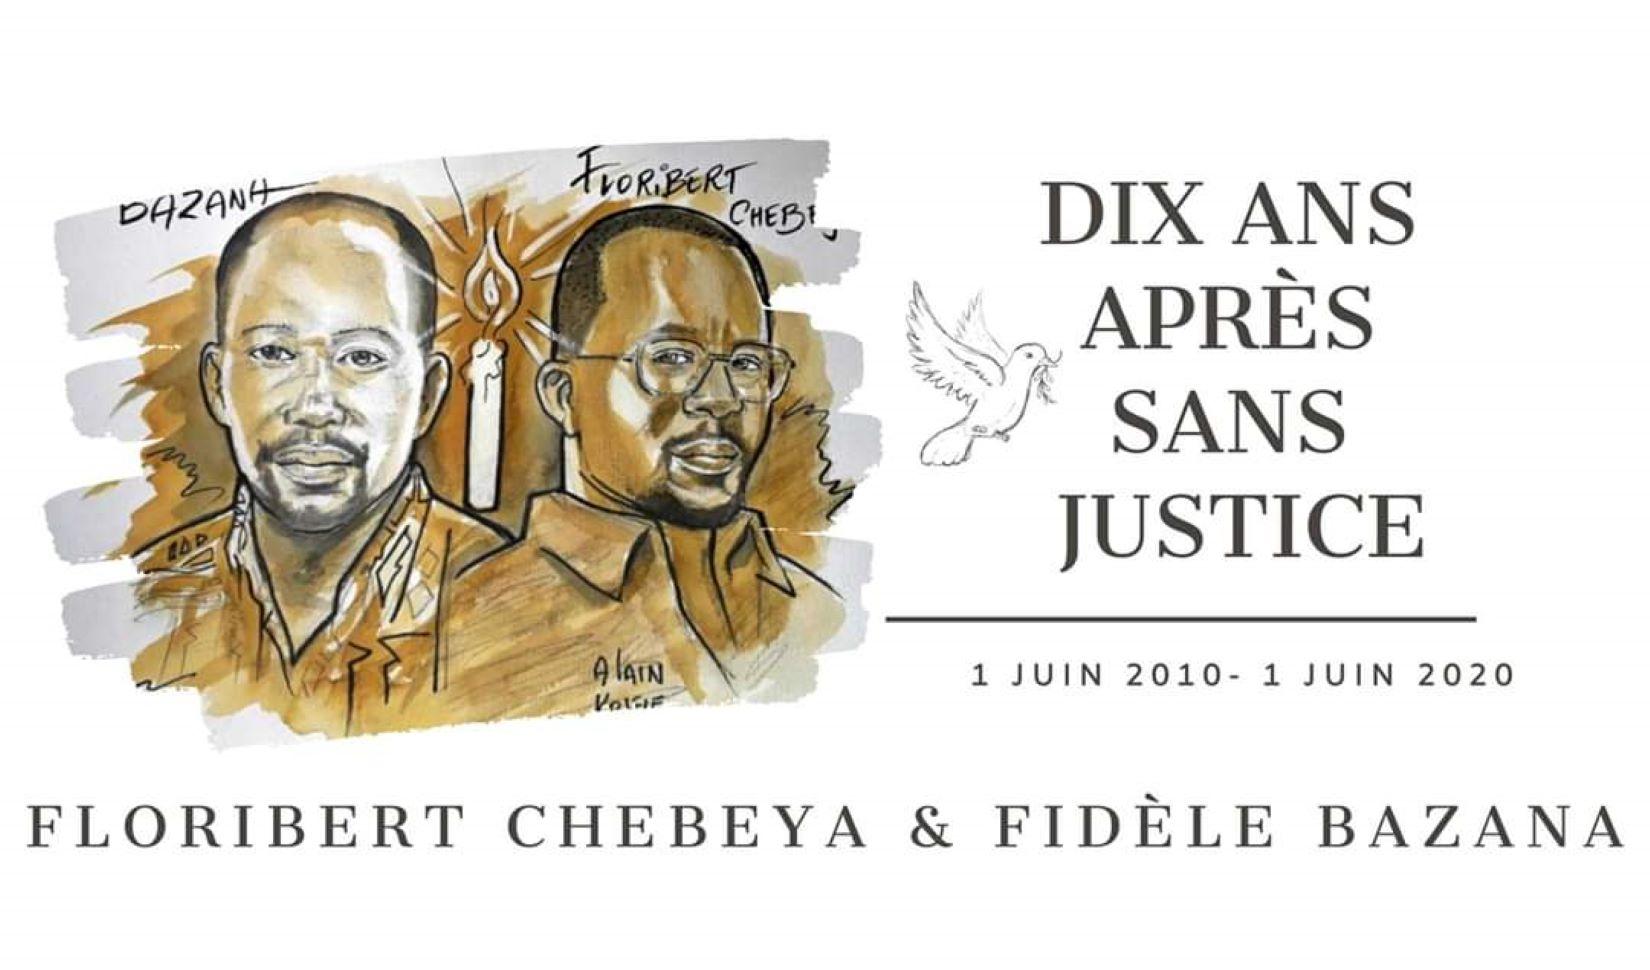 RDC: Qui ont réellement tué les défenseurs des droits humains Floribert Chebeya et Fidèle Bazana?